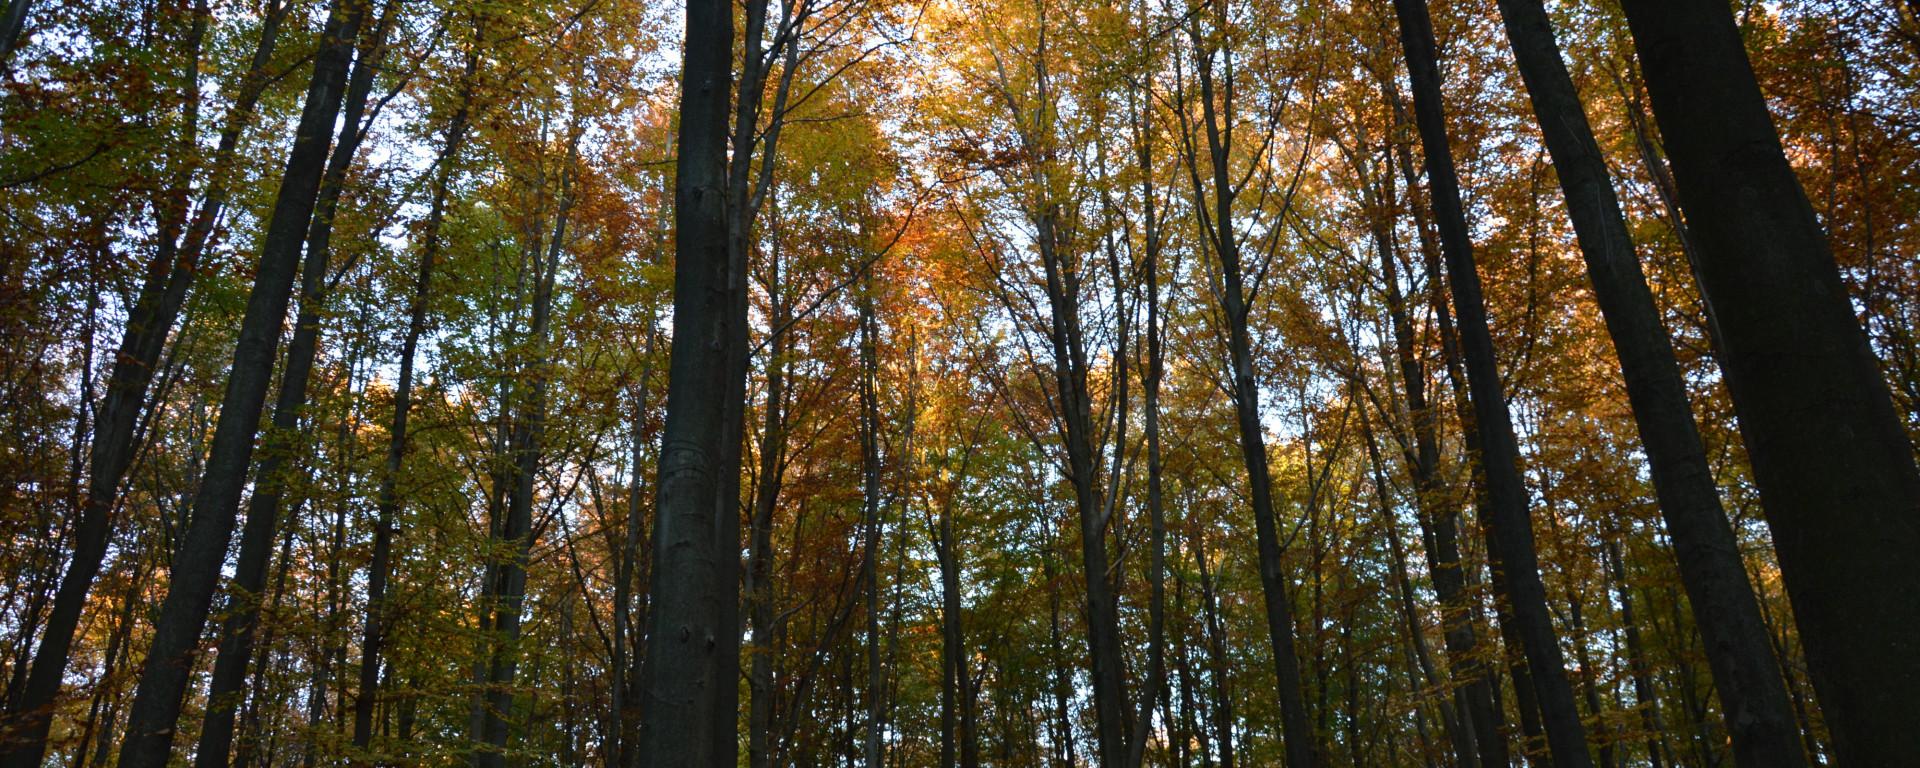 Couleurs d'automne au bois de Hal